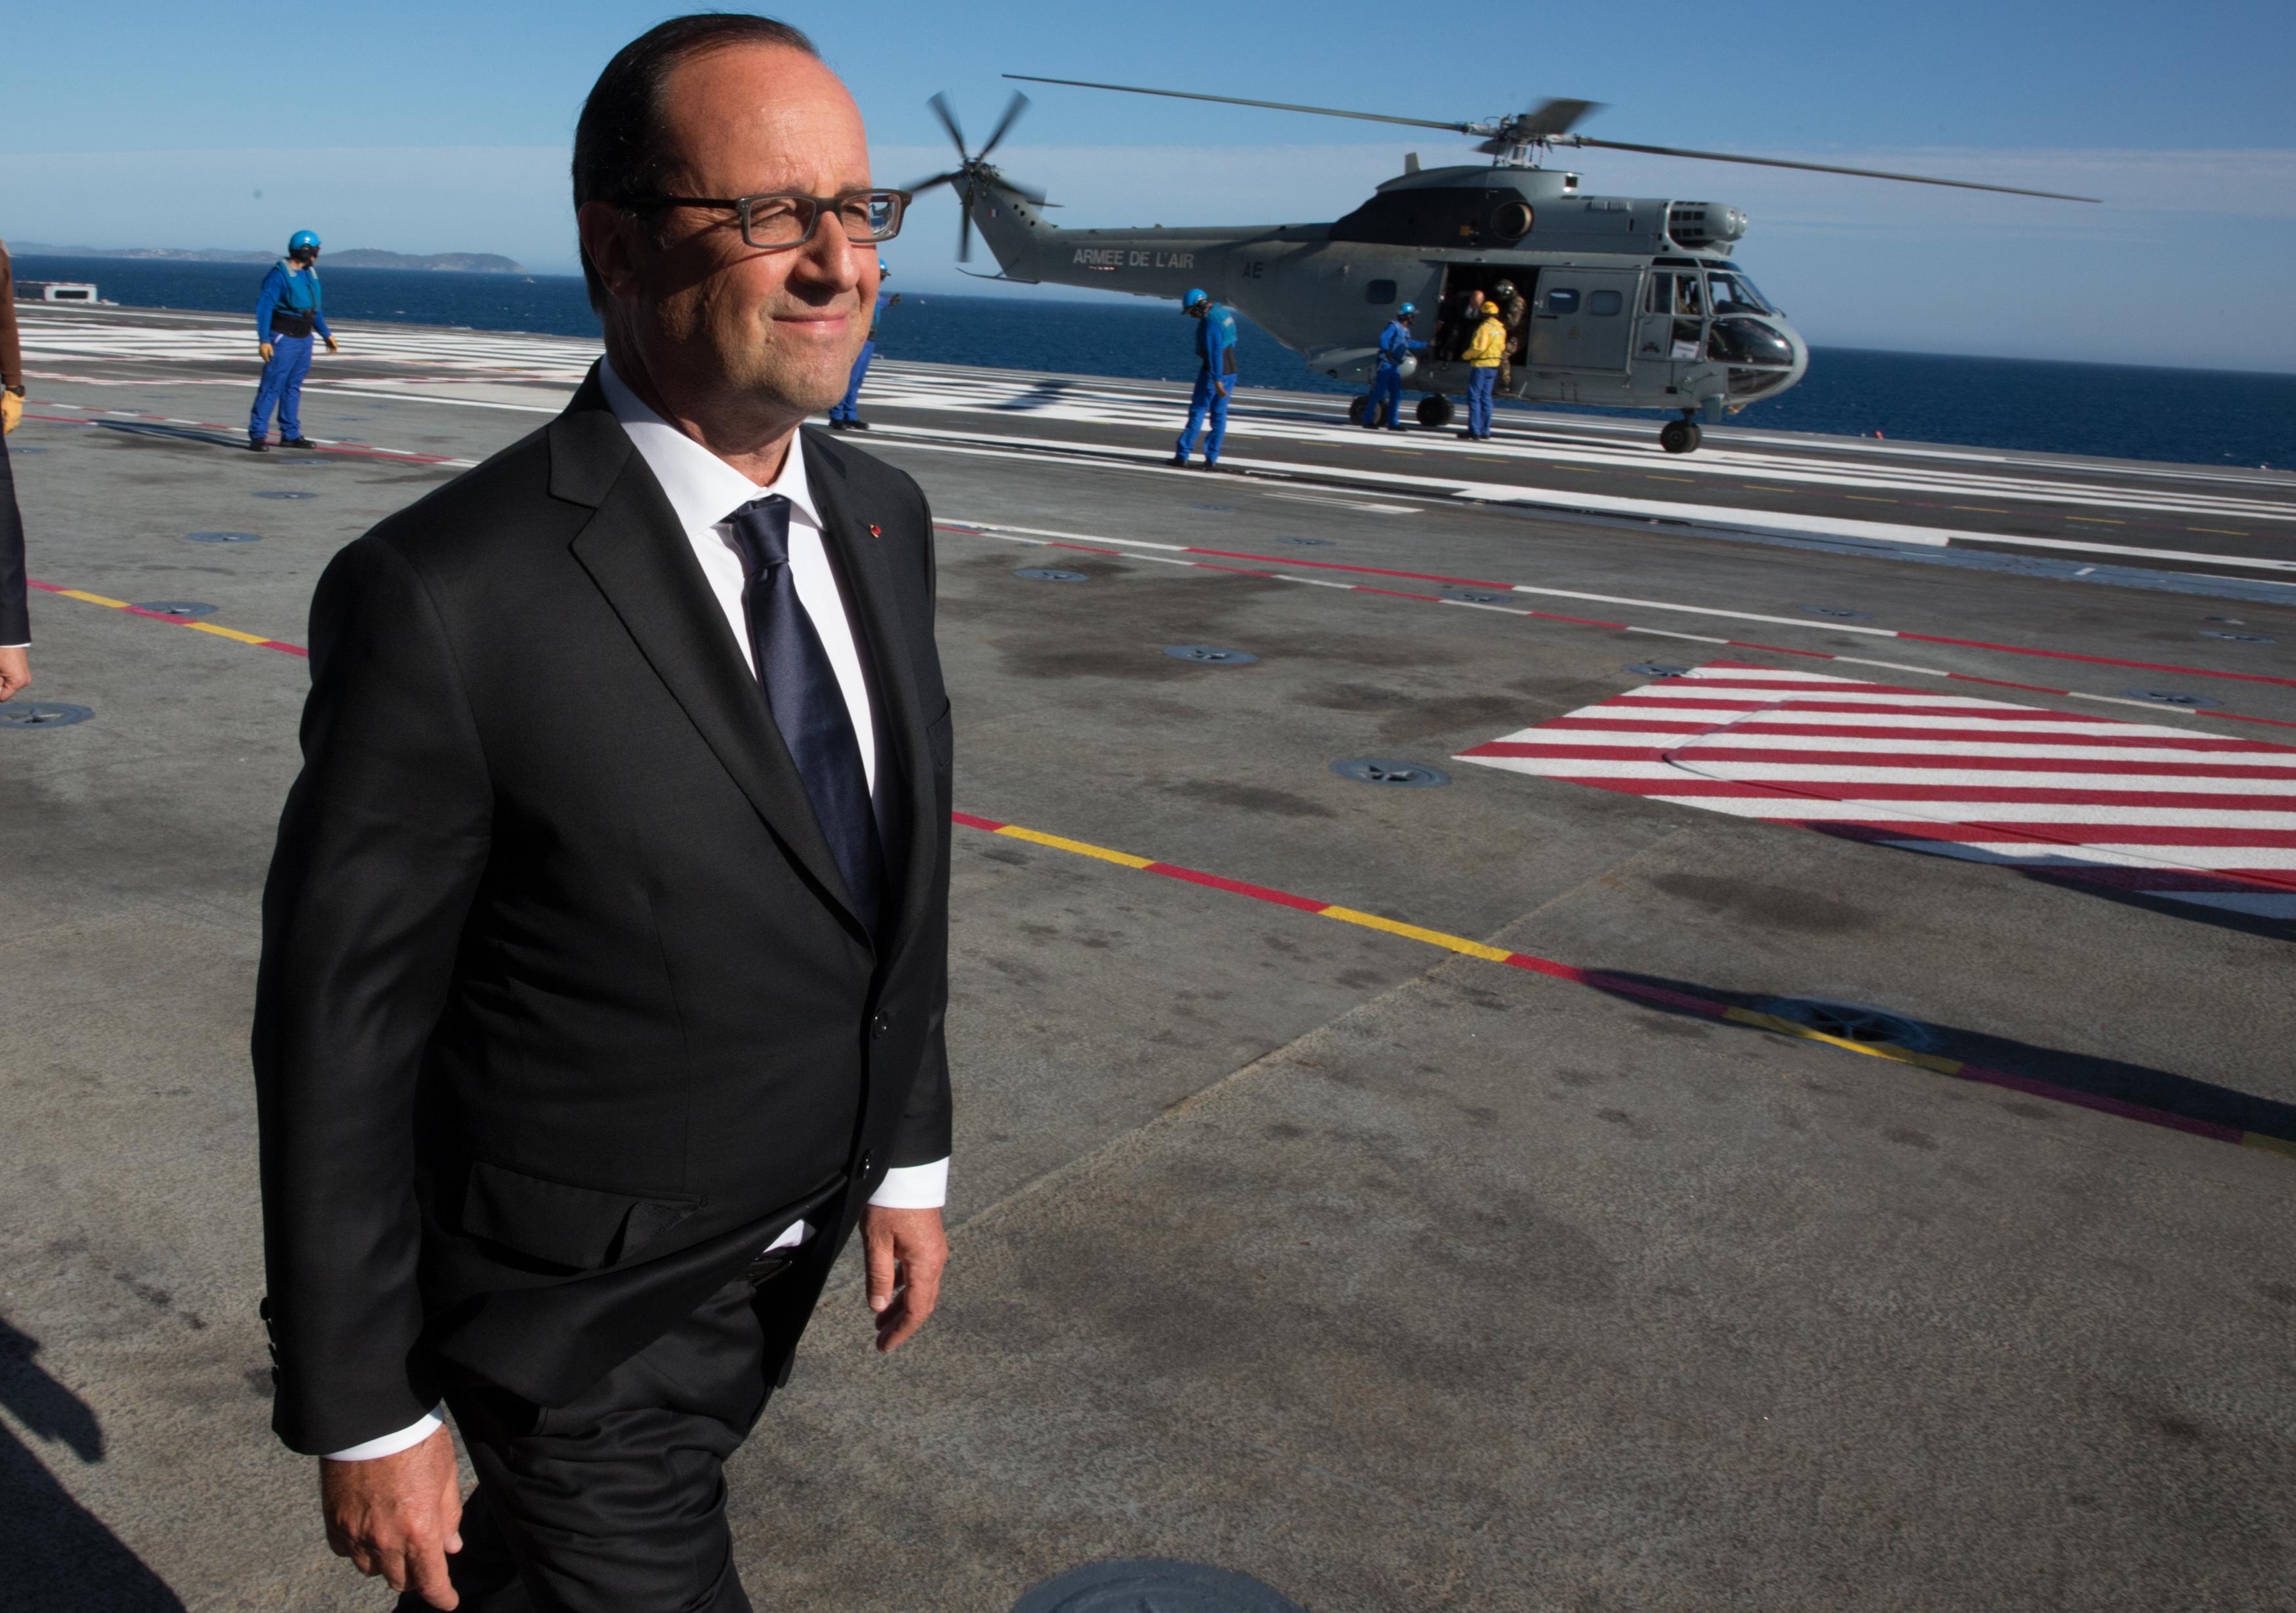 Francois Hollande nem újrázik a francia elnökválasztáson